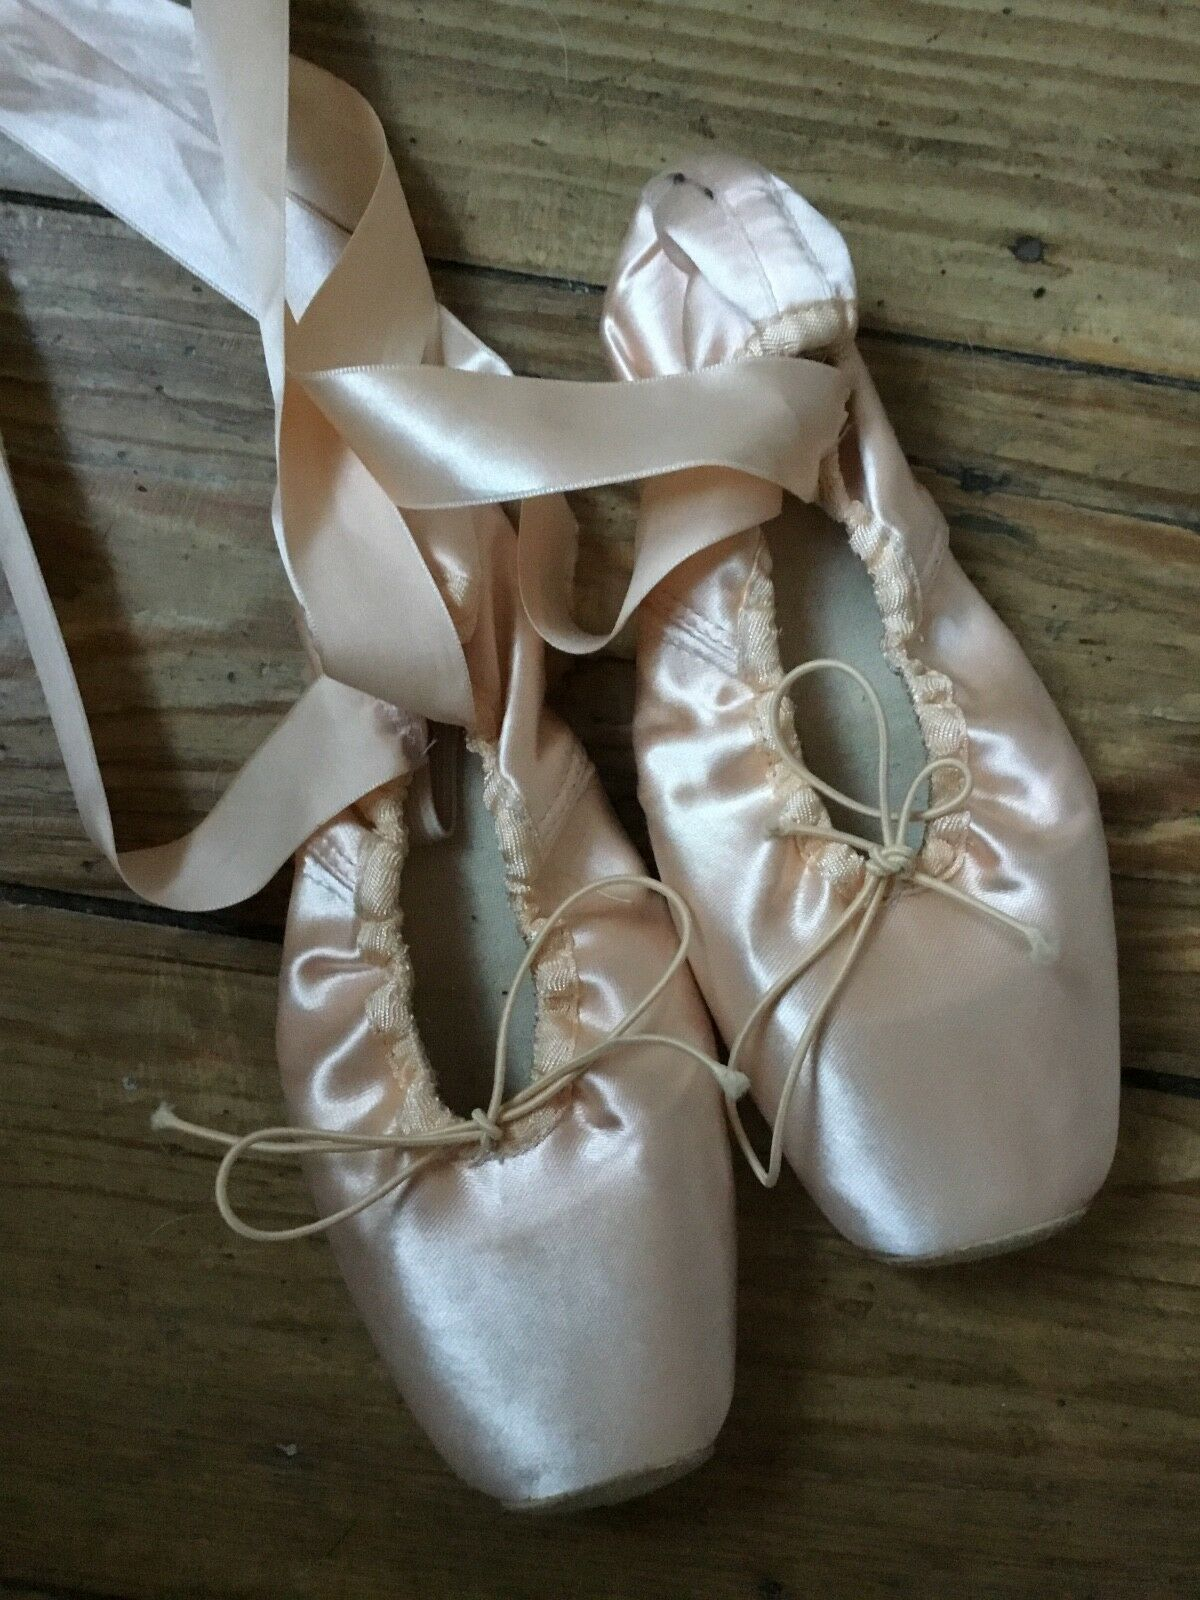 Spitzenschuhe Ballettschuhe Soft Soft Soft Amelie SO 102 Größe 5 1 2 - hand made 4b2425